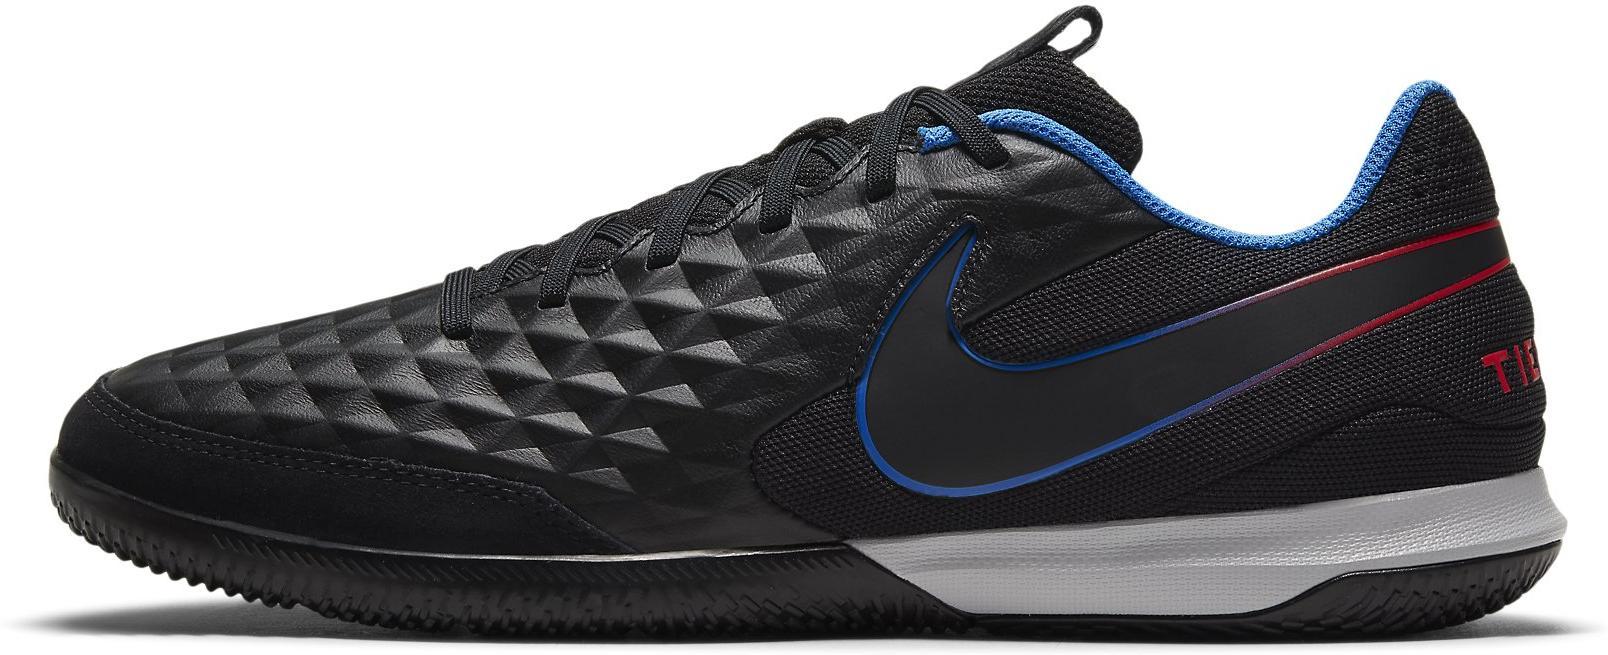 Sálovky Nike LEGEND 8 ACADEMY IC černá